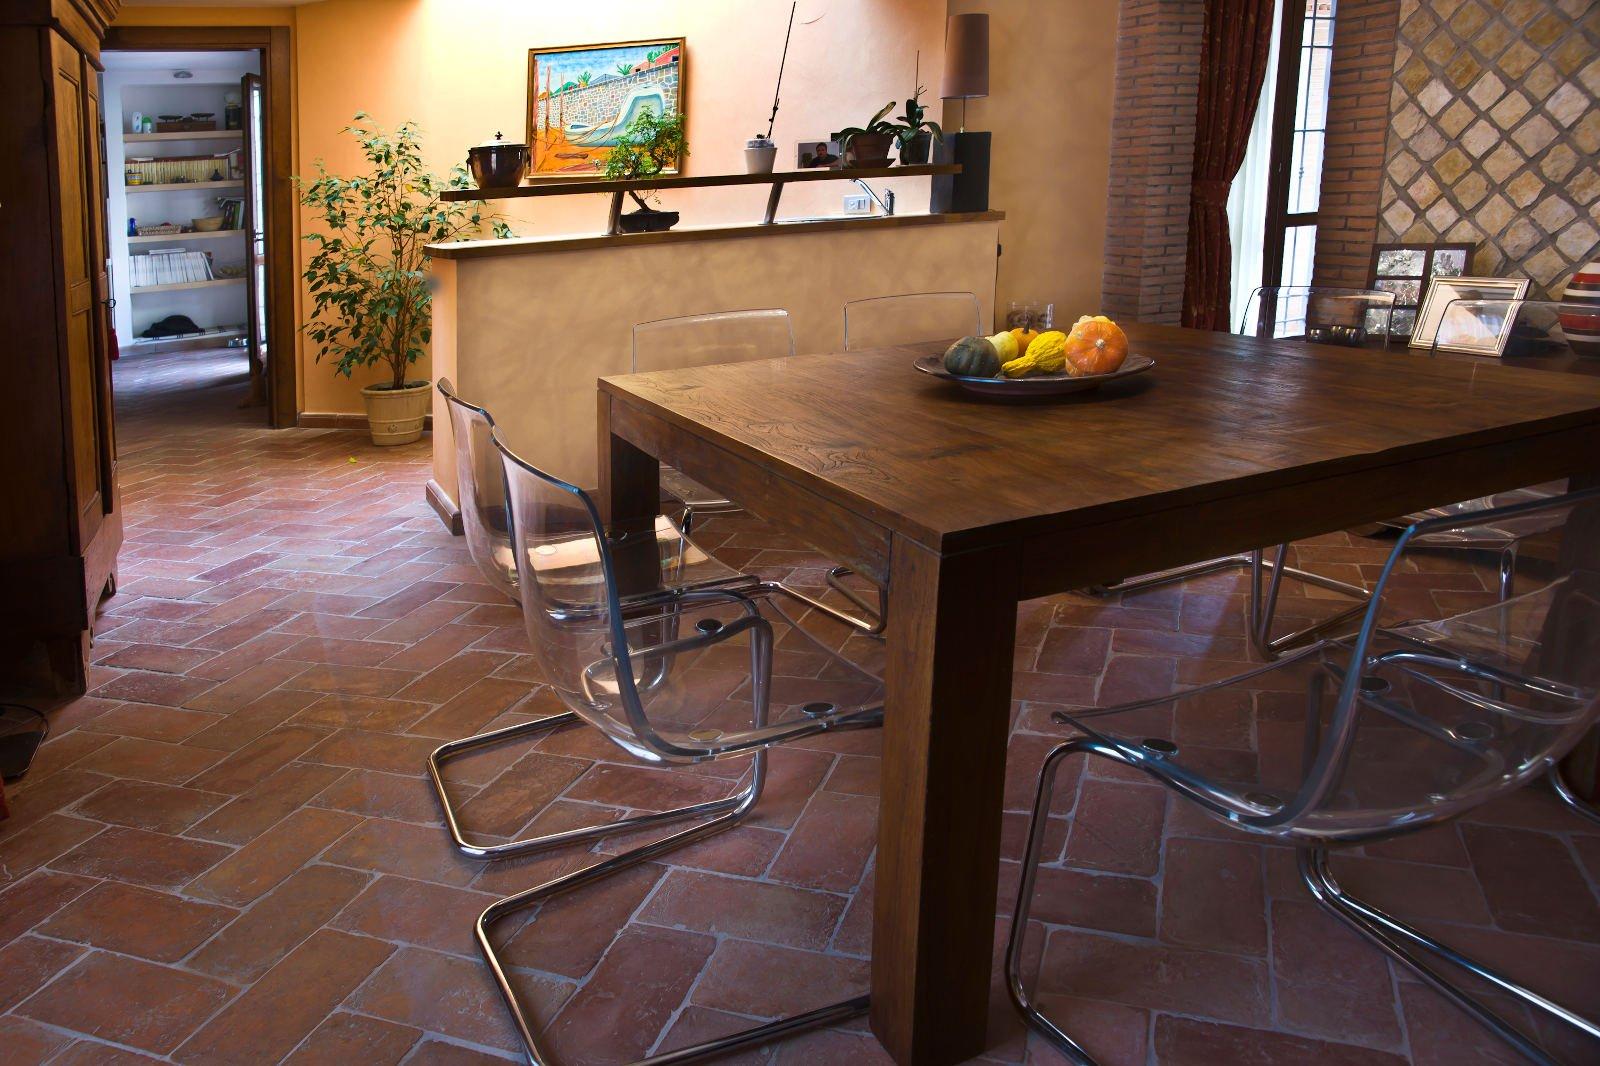 Pavimenti in promozione il cotto fatto a mano e cotto a - Come abbinare cucina e pavimento ...